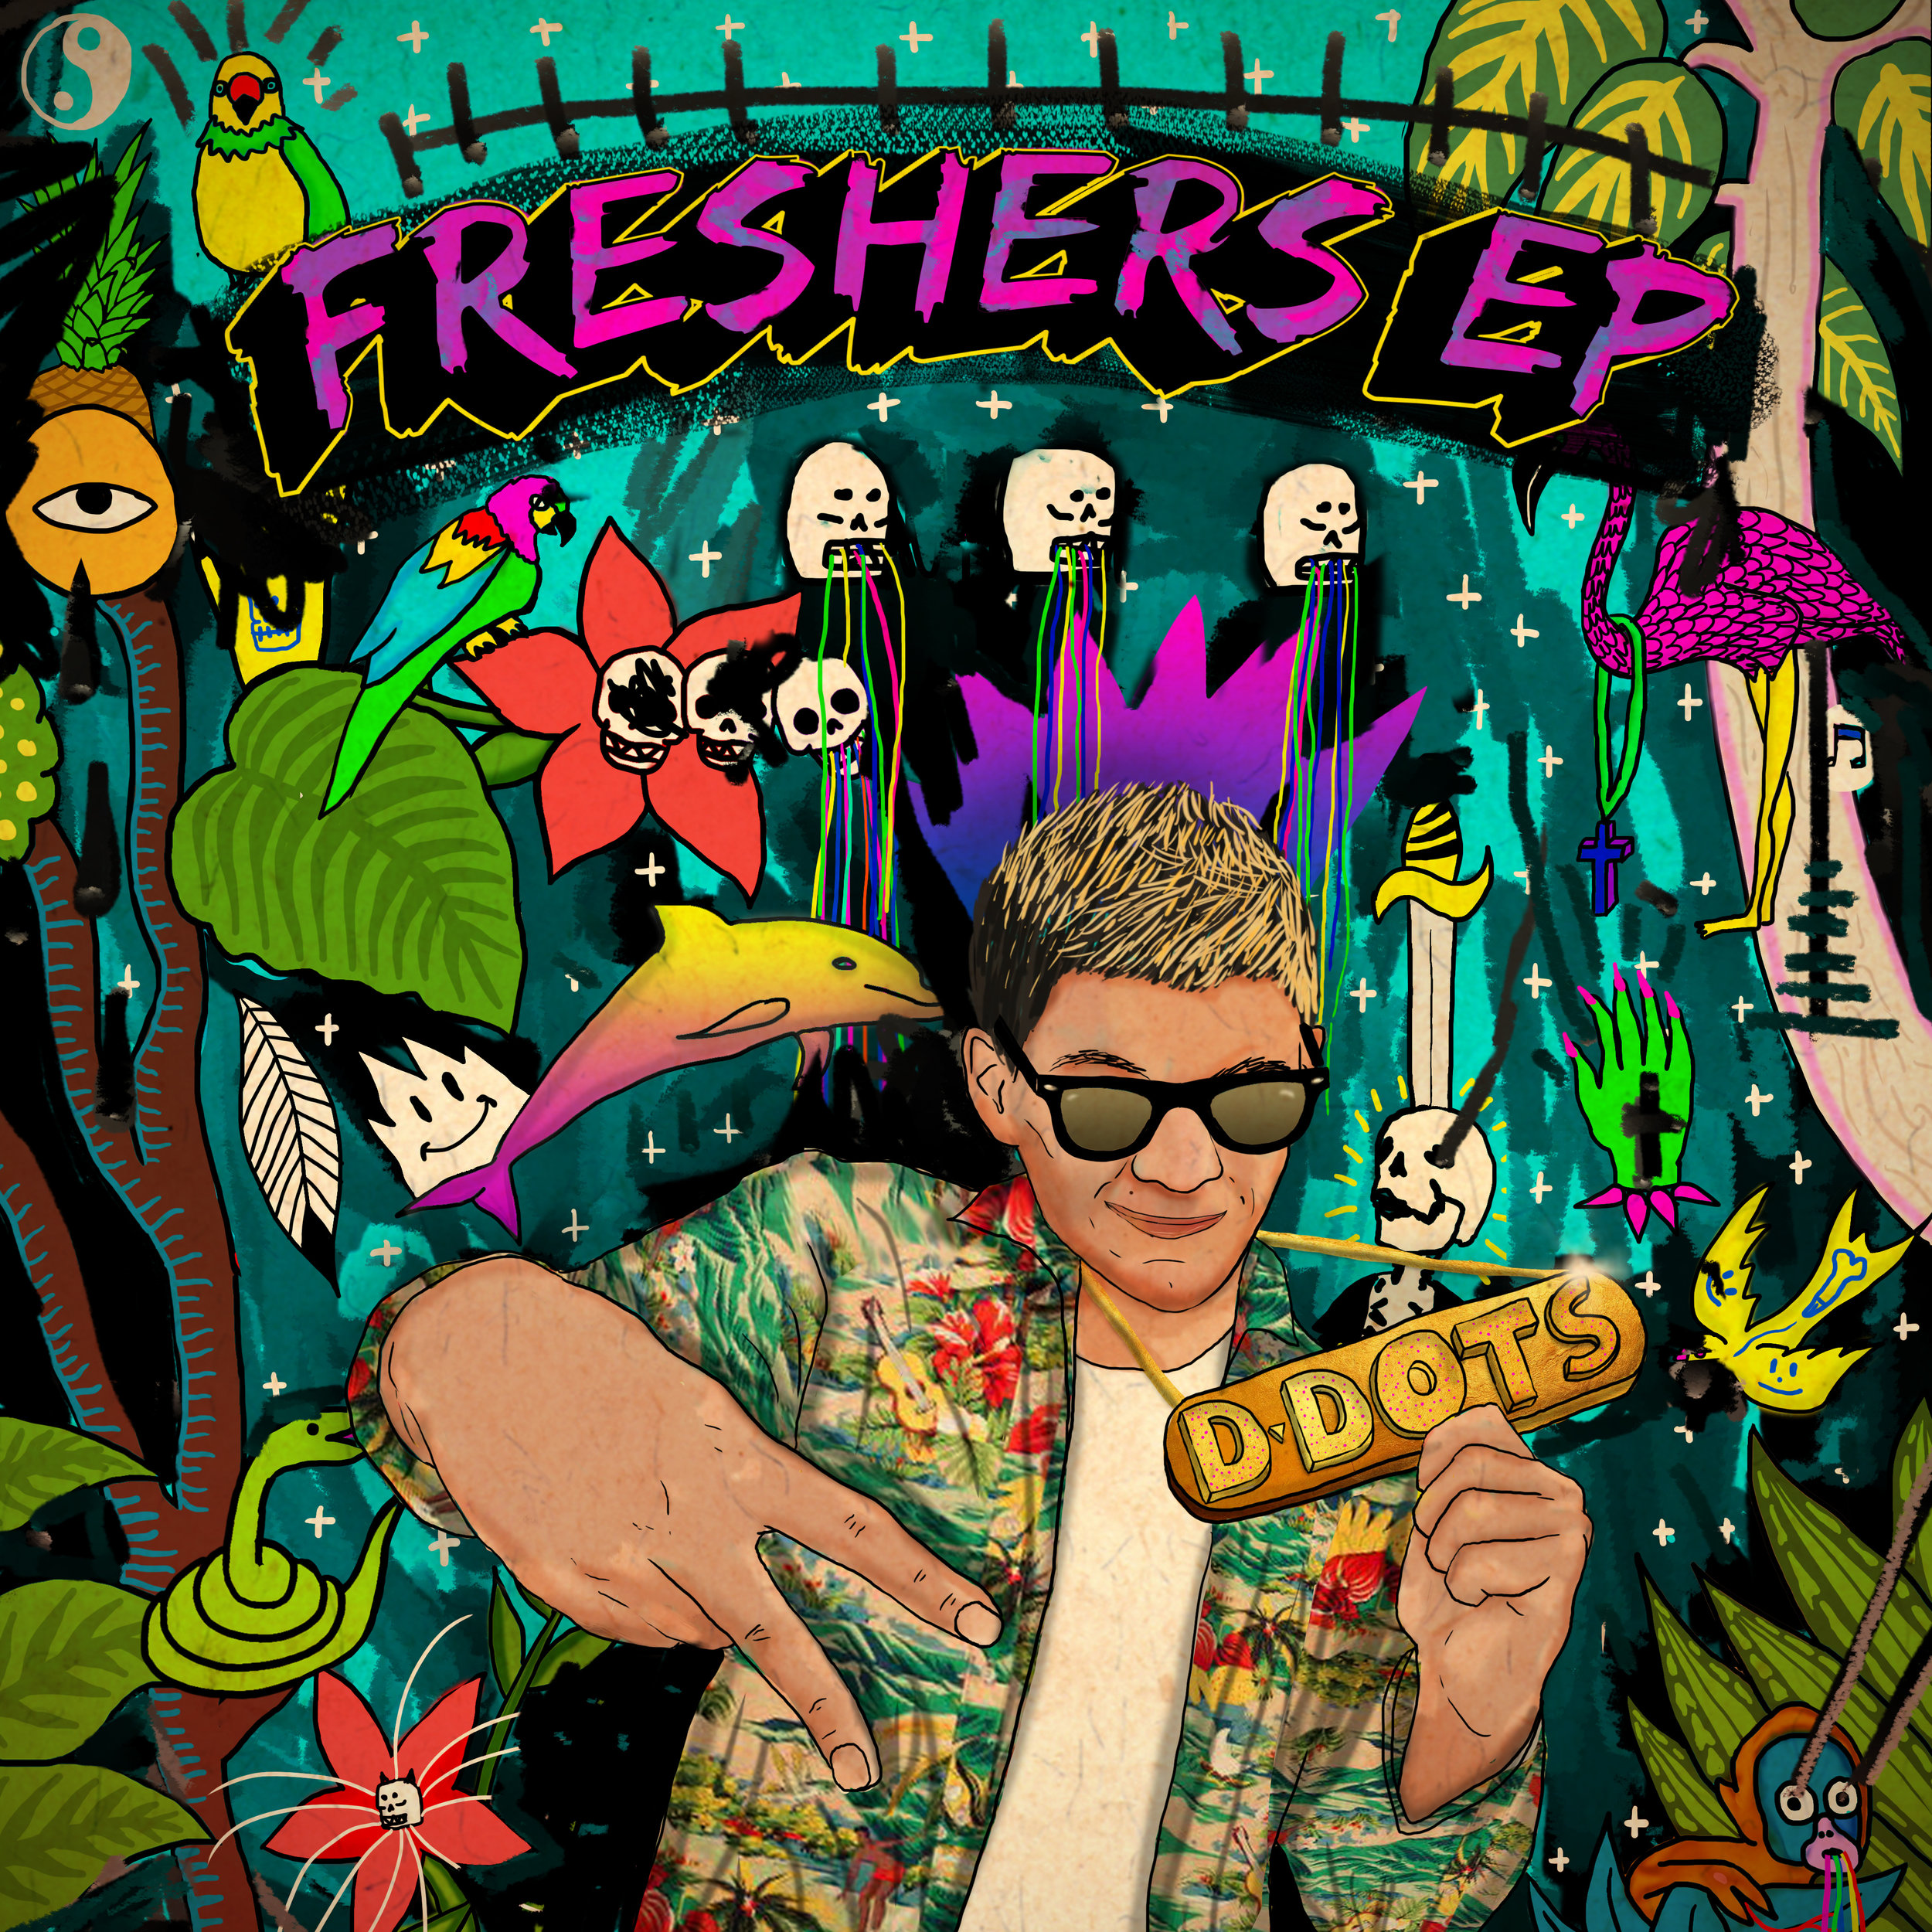 freshers_dddots.jpg